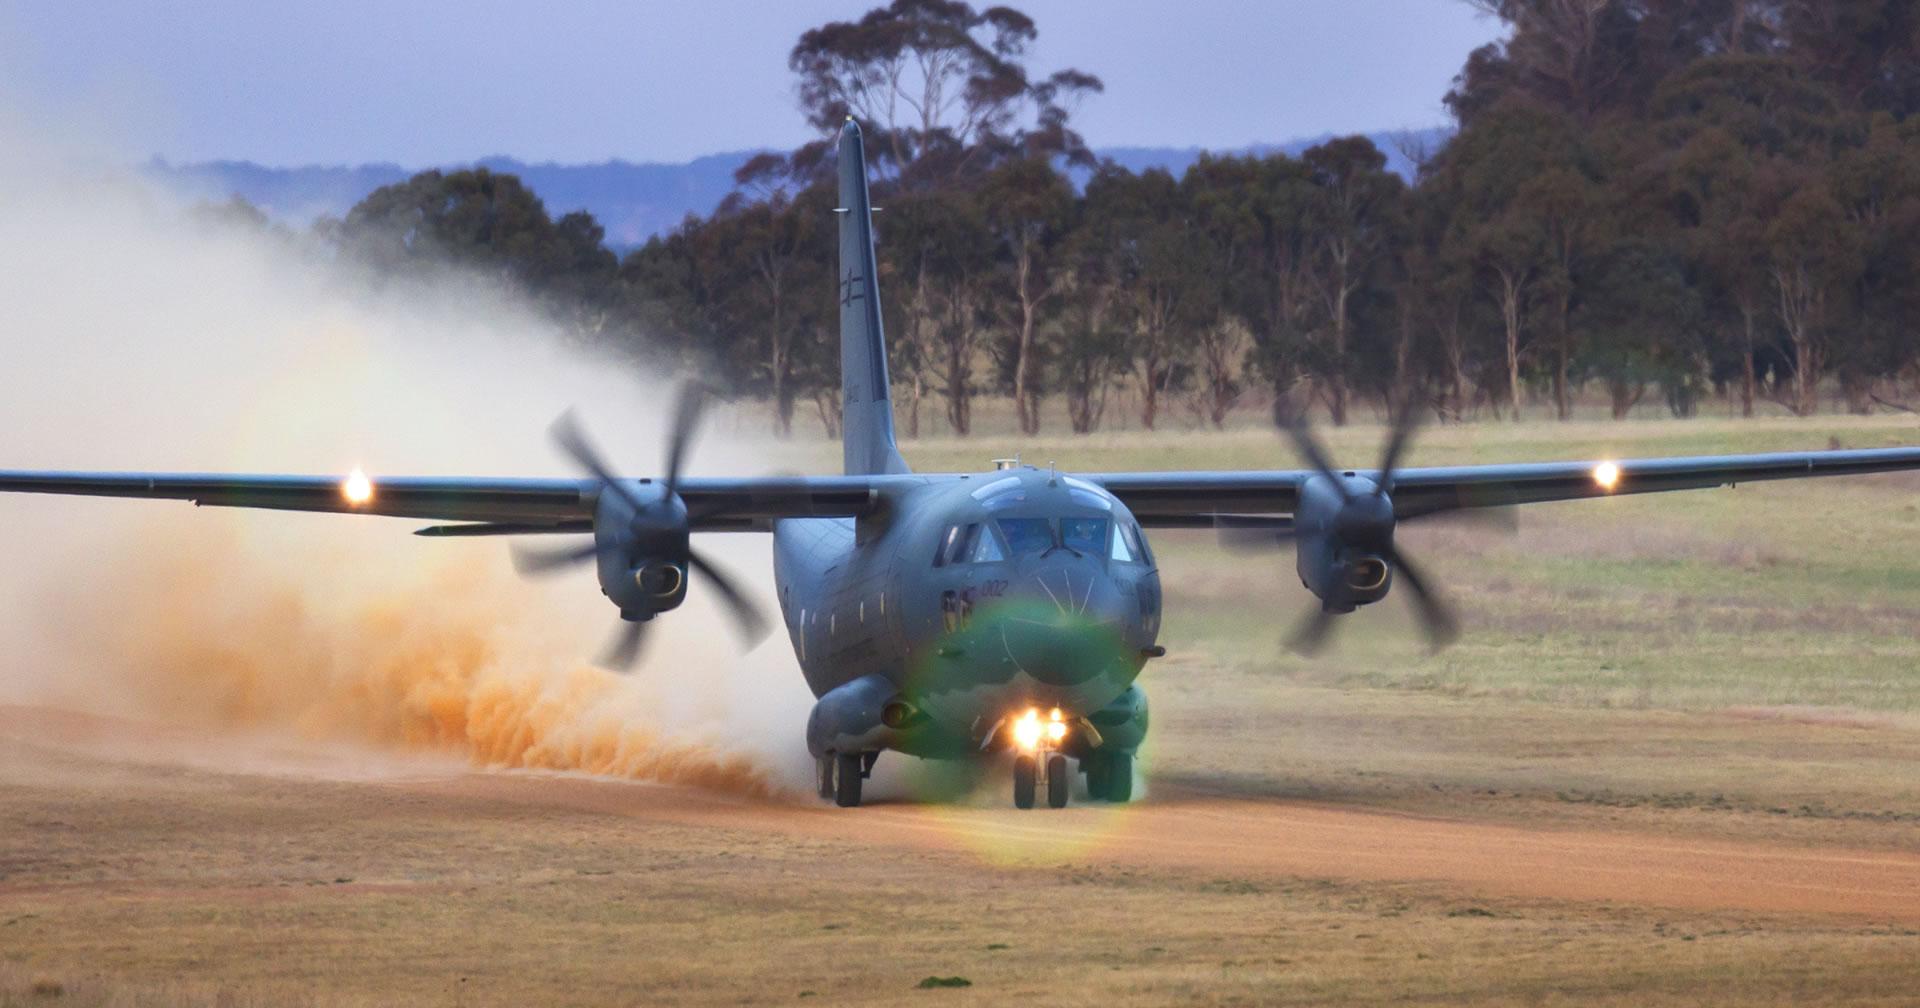 C-27J Spartan en misiones contra incendios que afecta a Grecia